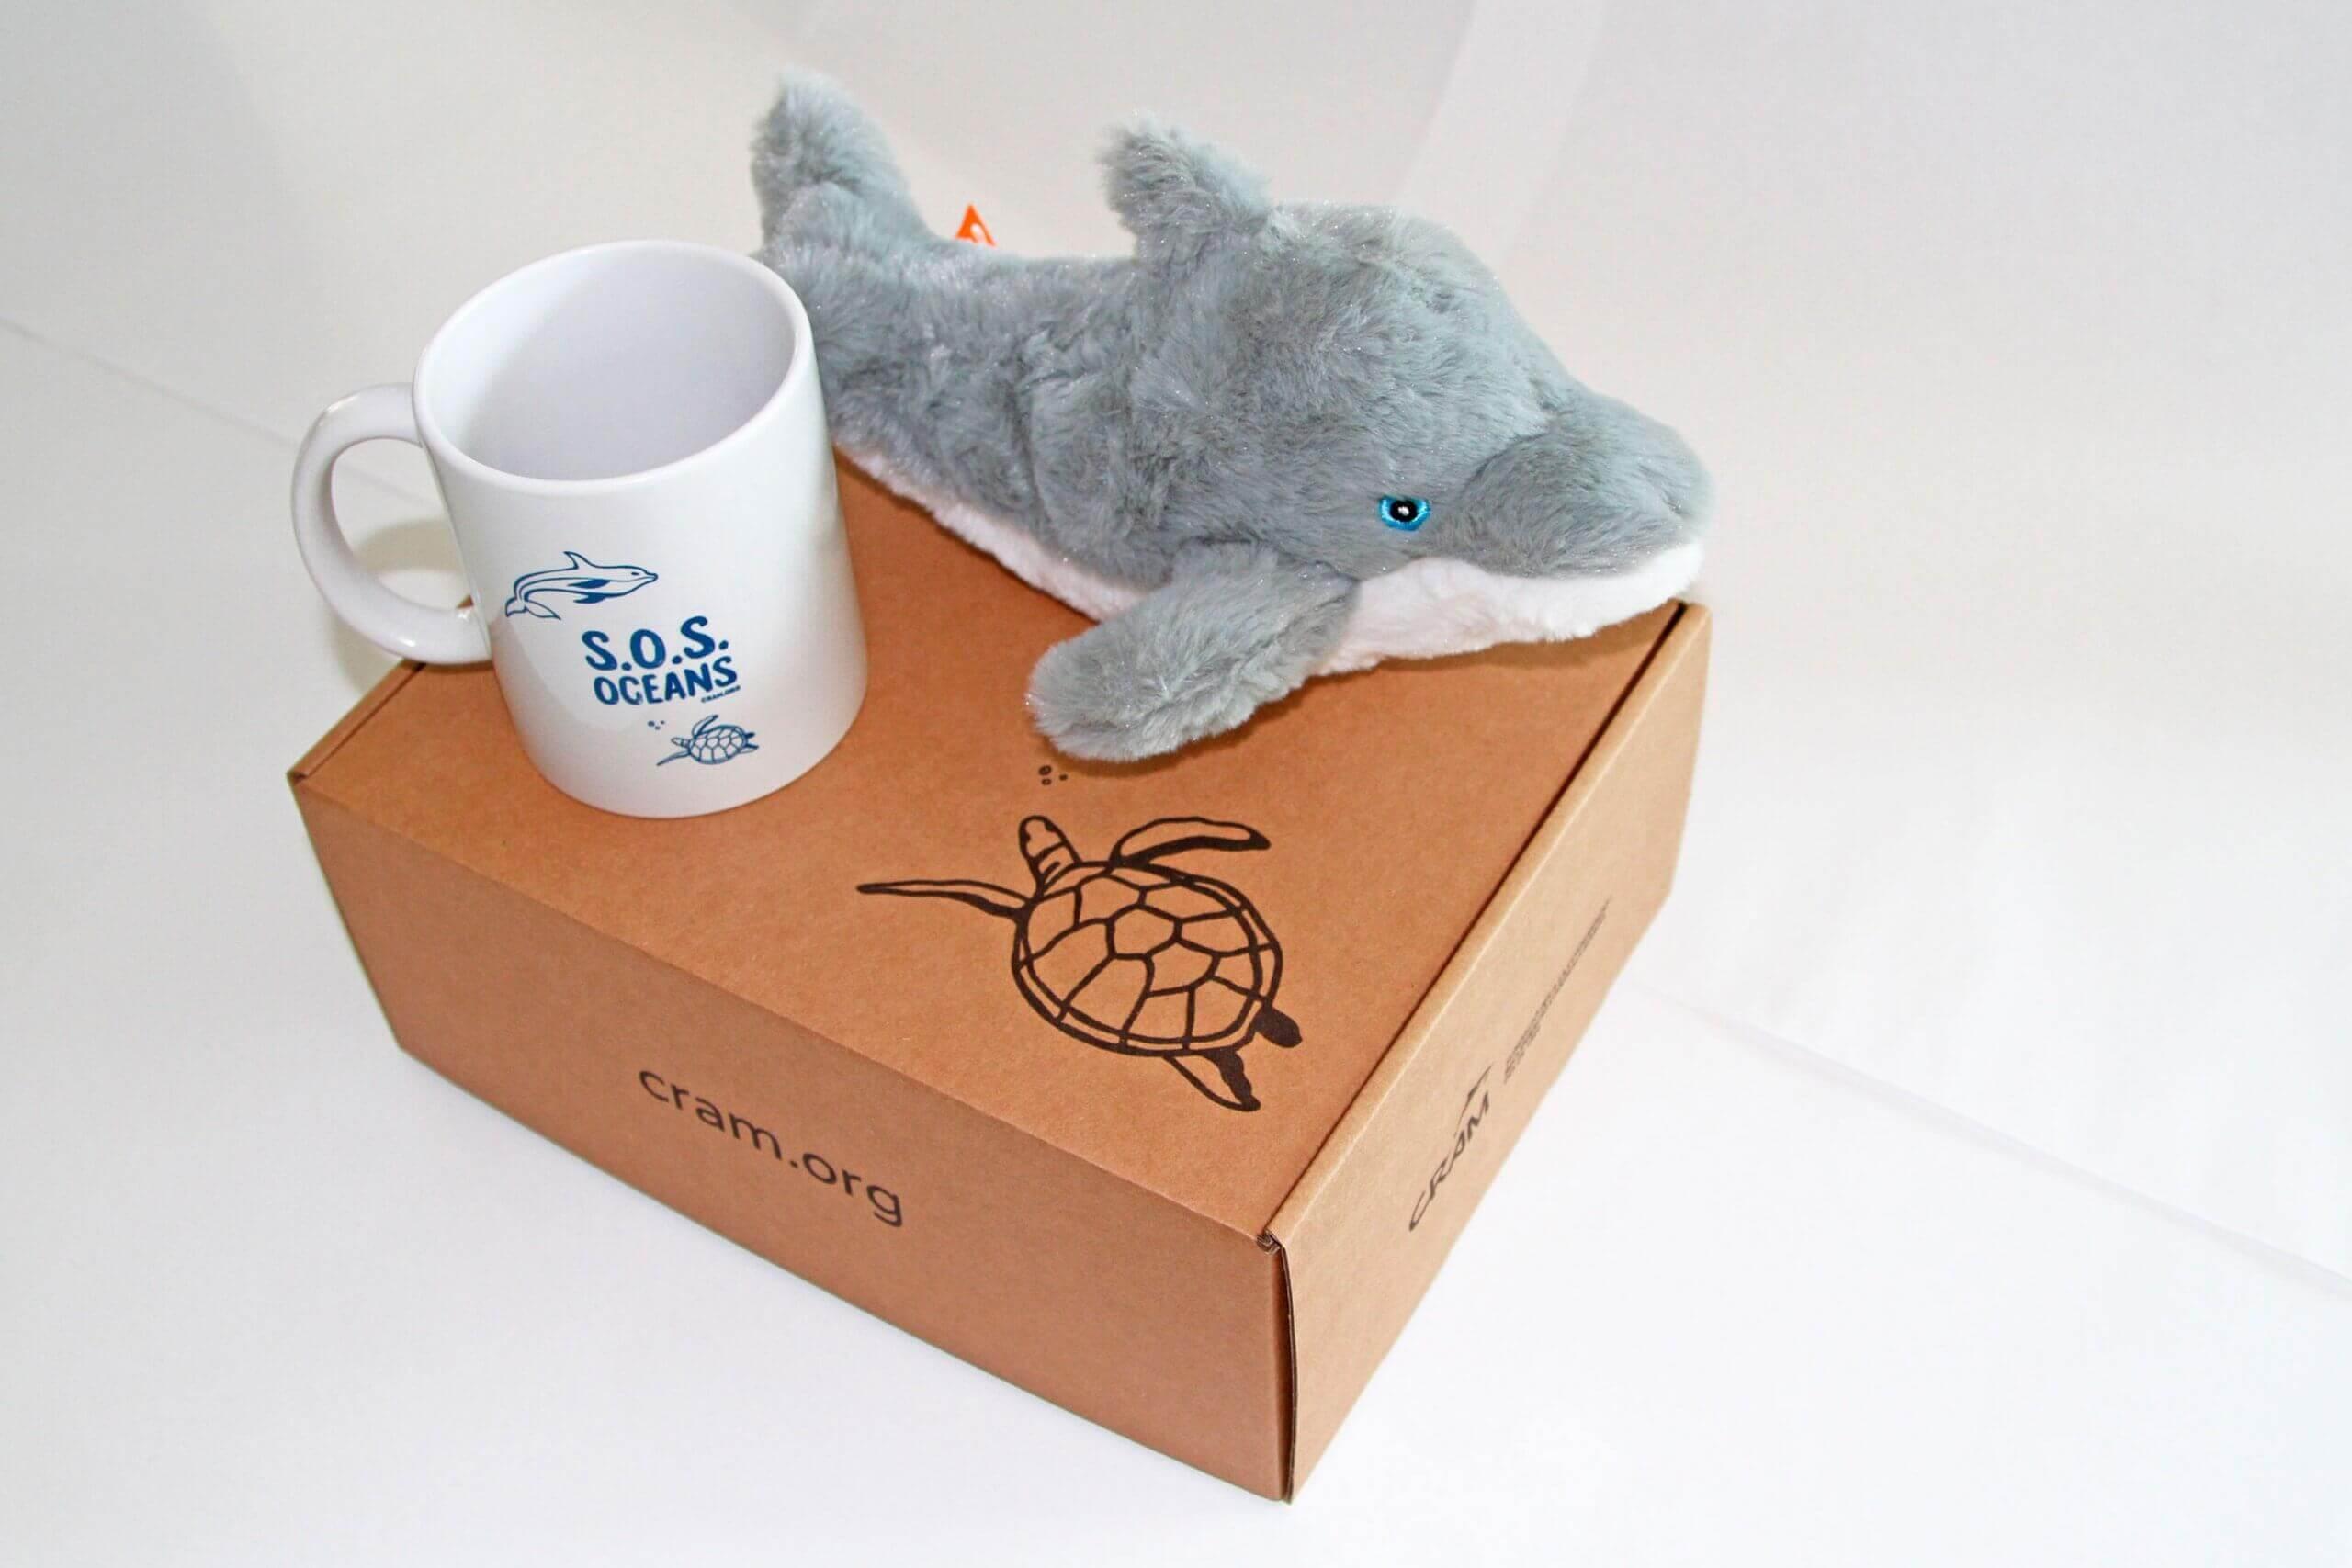 un delfino peluche accanto a una tazza